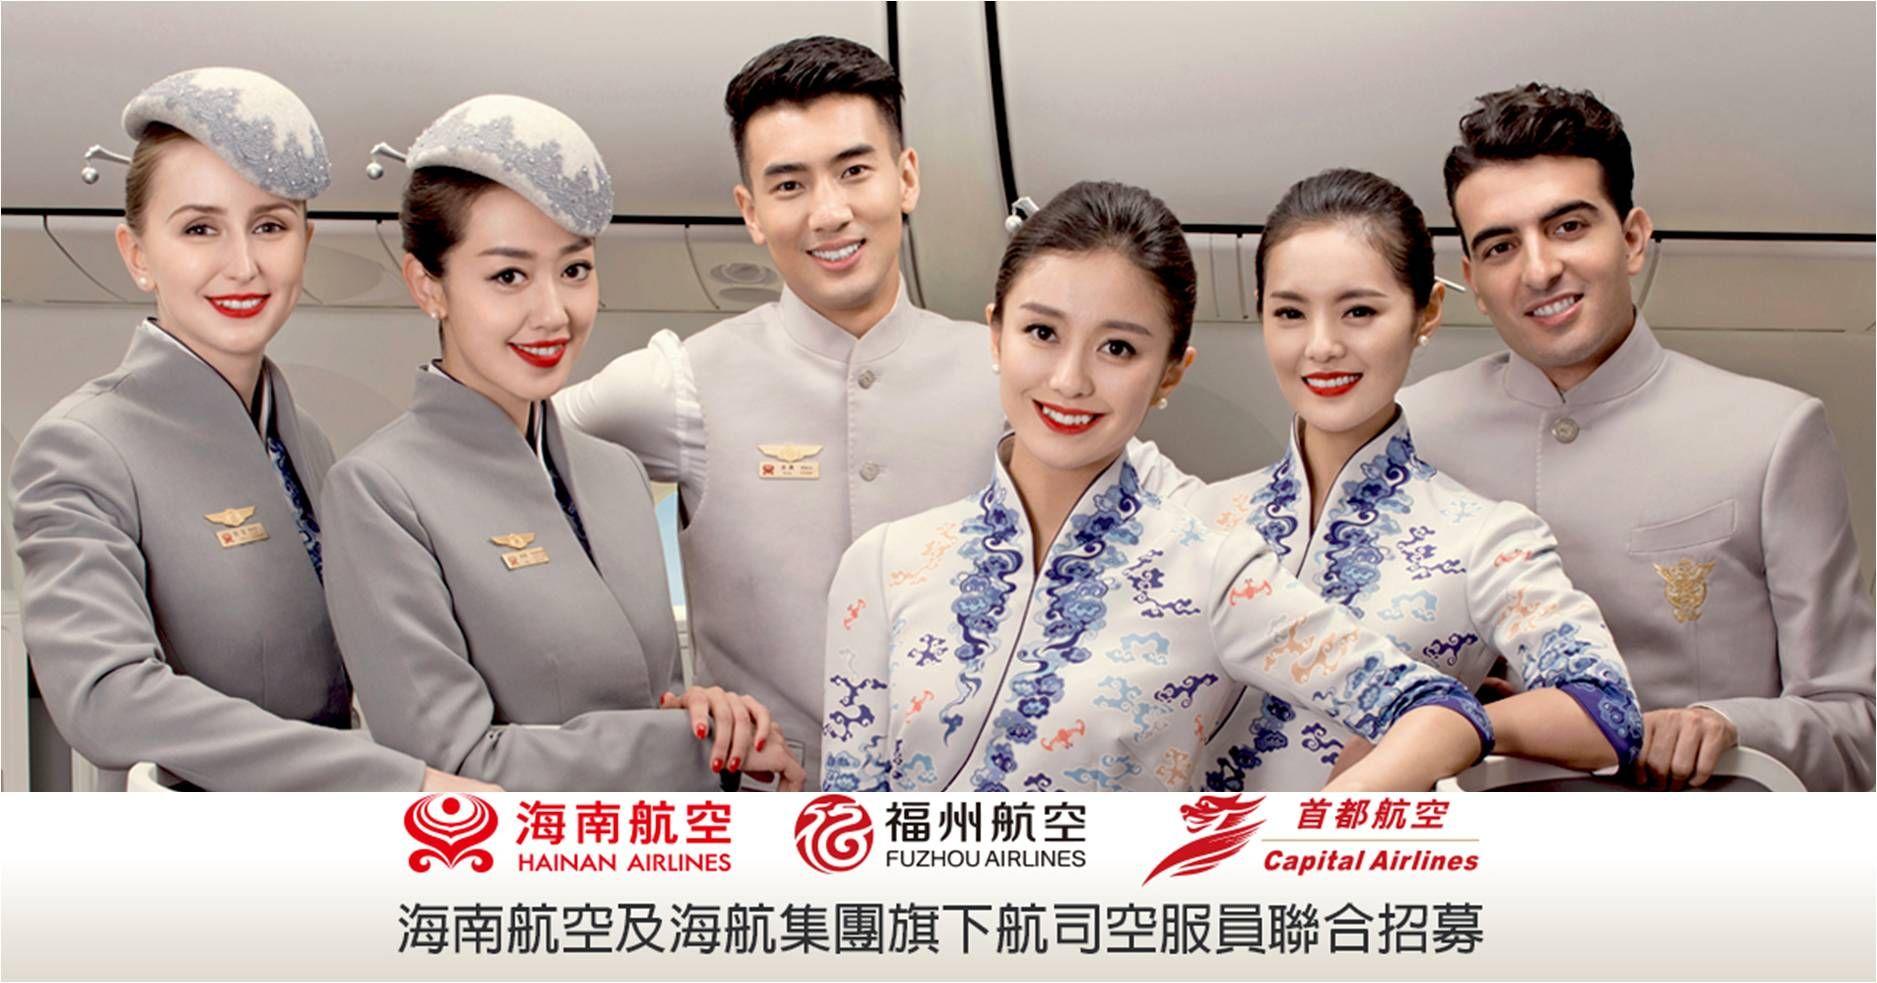 海航集團旗下航空公司招募空服員 報名至11月下旬